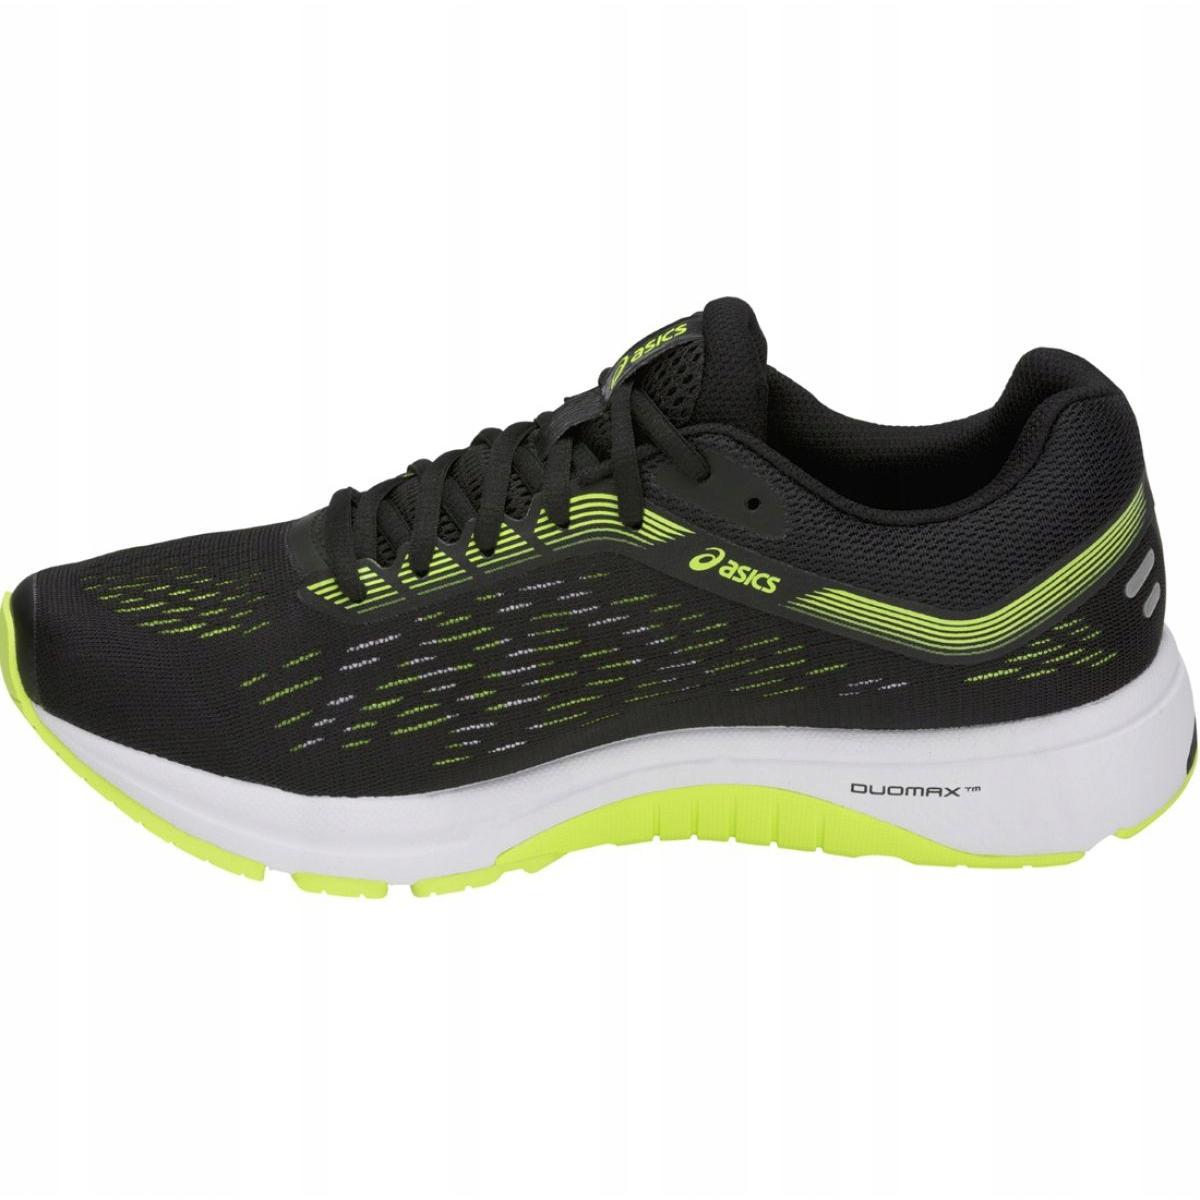 Asics-GT-1000-7-M-1011A042-004-chaussures-de-course-noir miniature 2